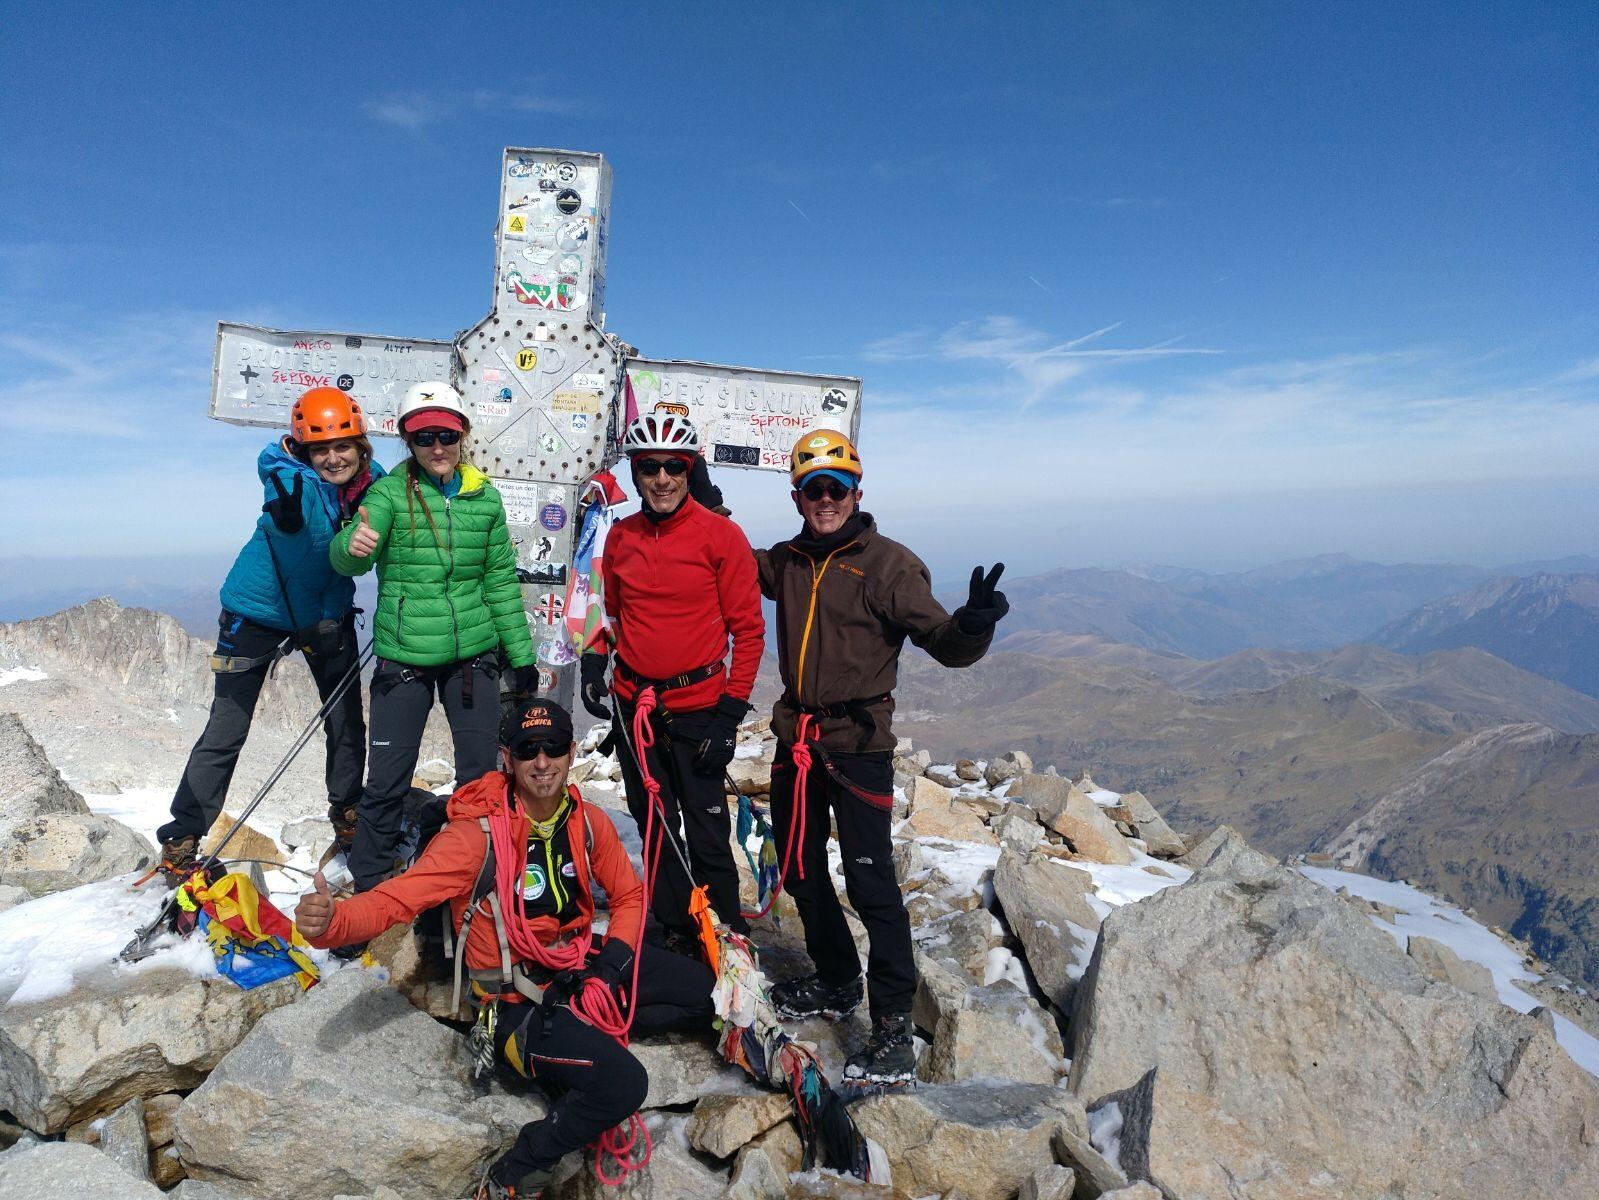 Ascenso al Aneto. La cumbre más alta del Pirineo